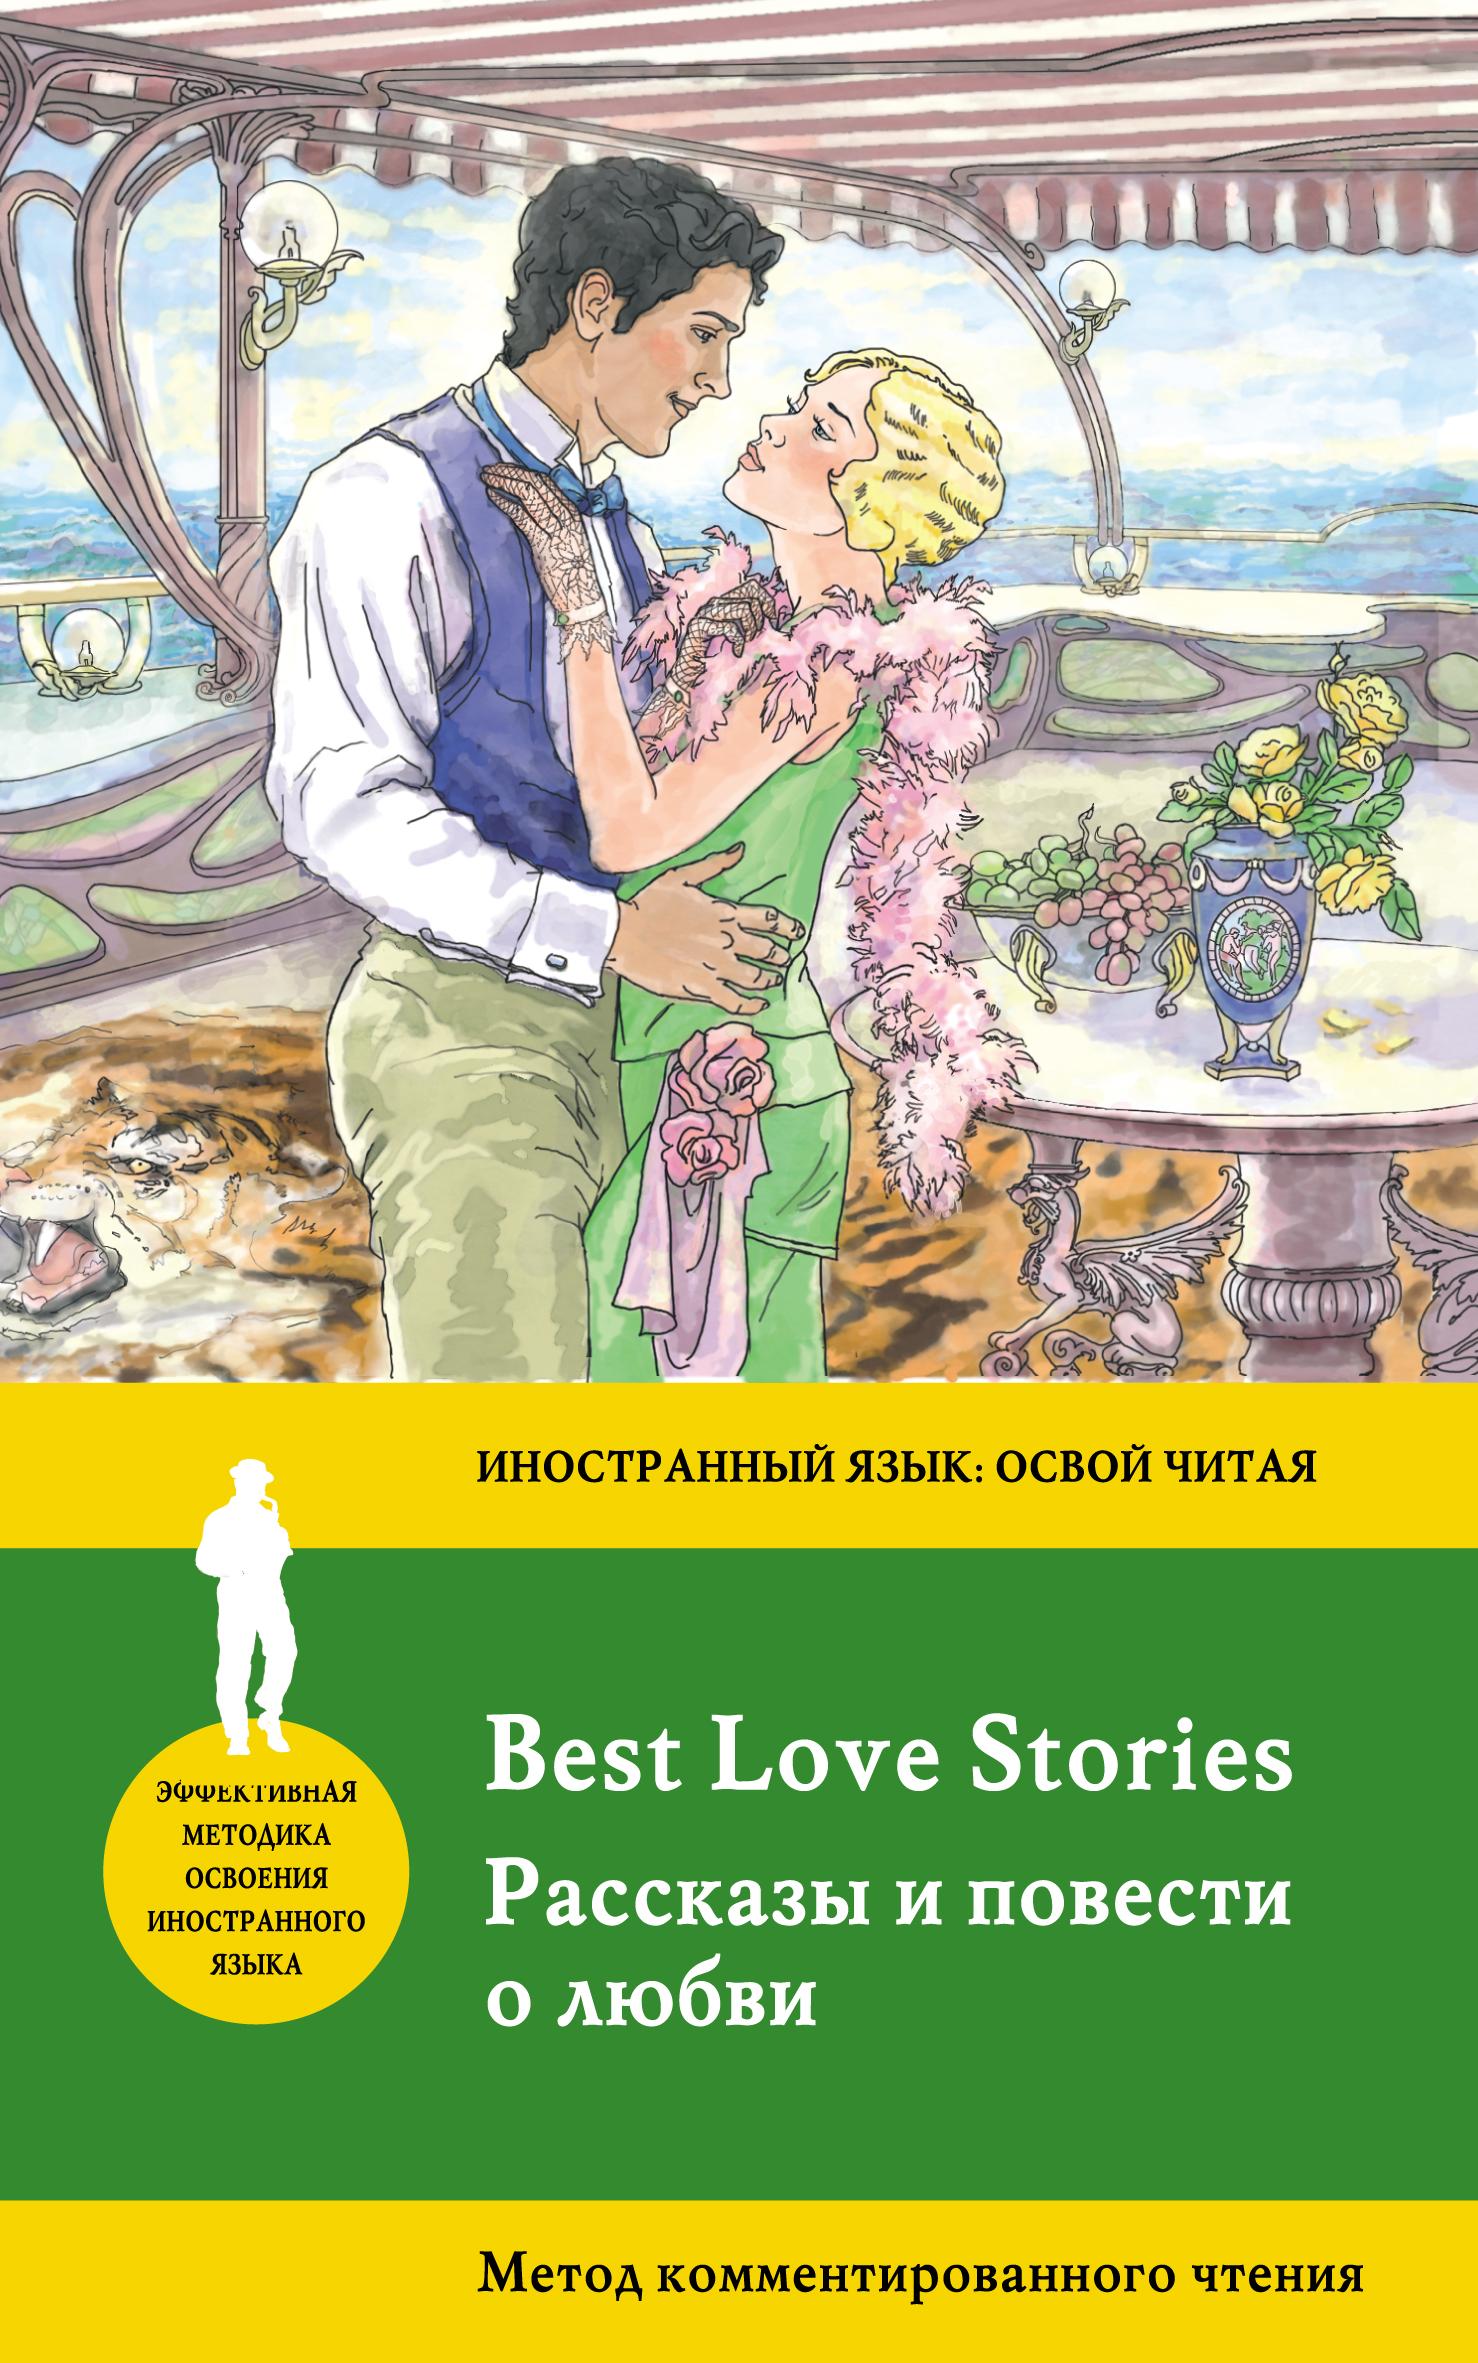 rasskazy i povesti o lyubvi best love stories metod kommentirovannogo chteniya